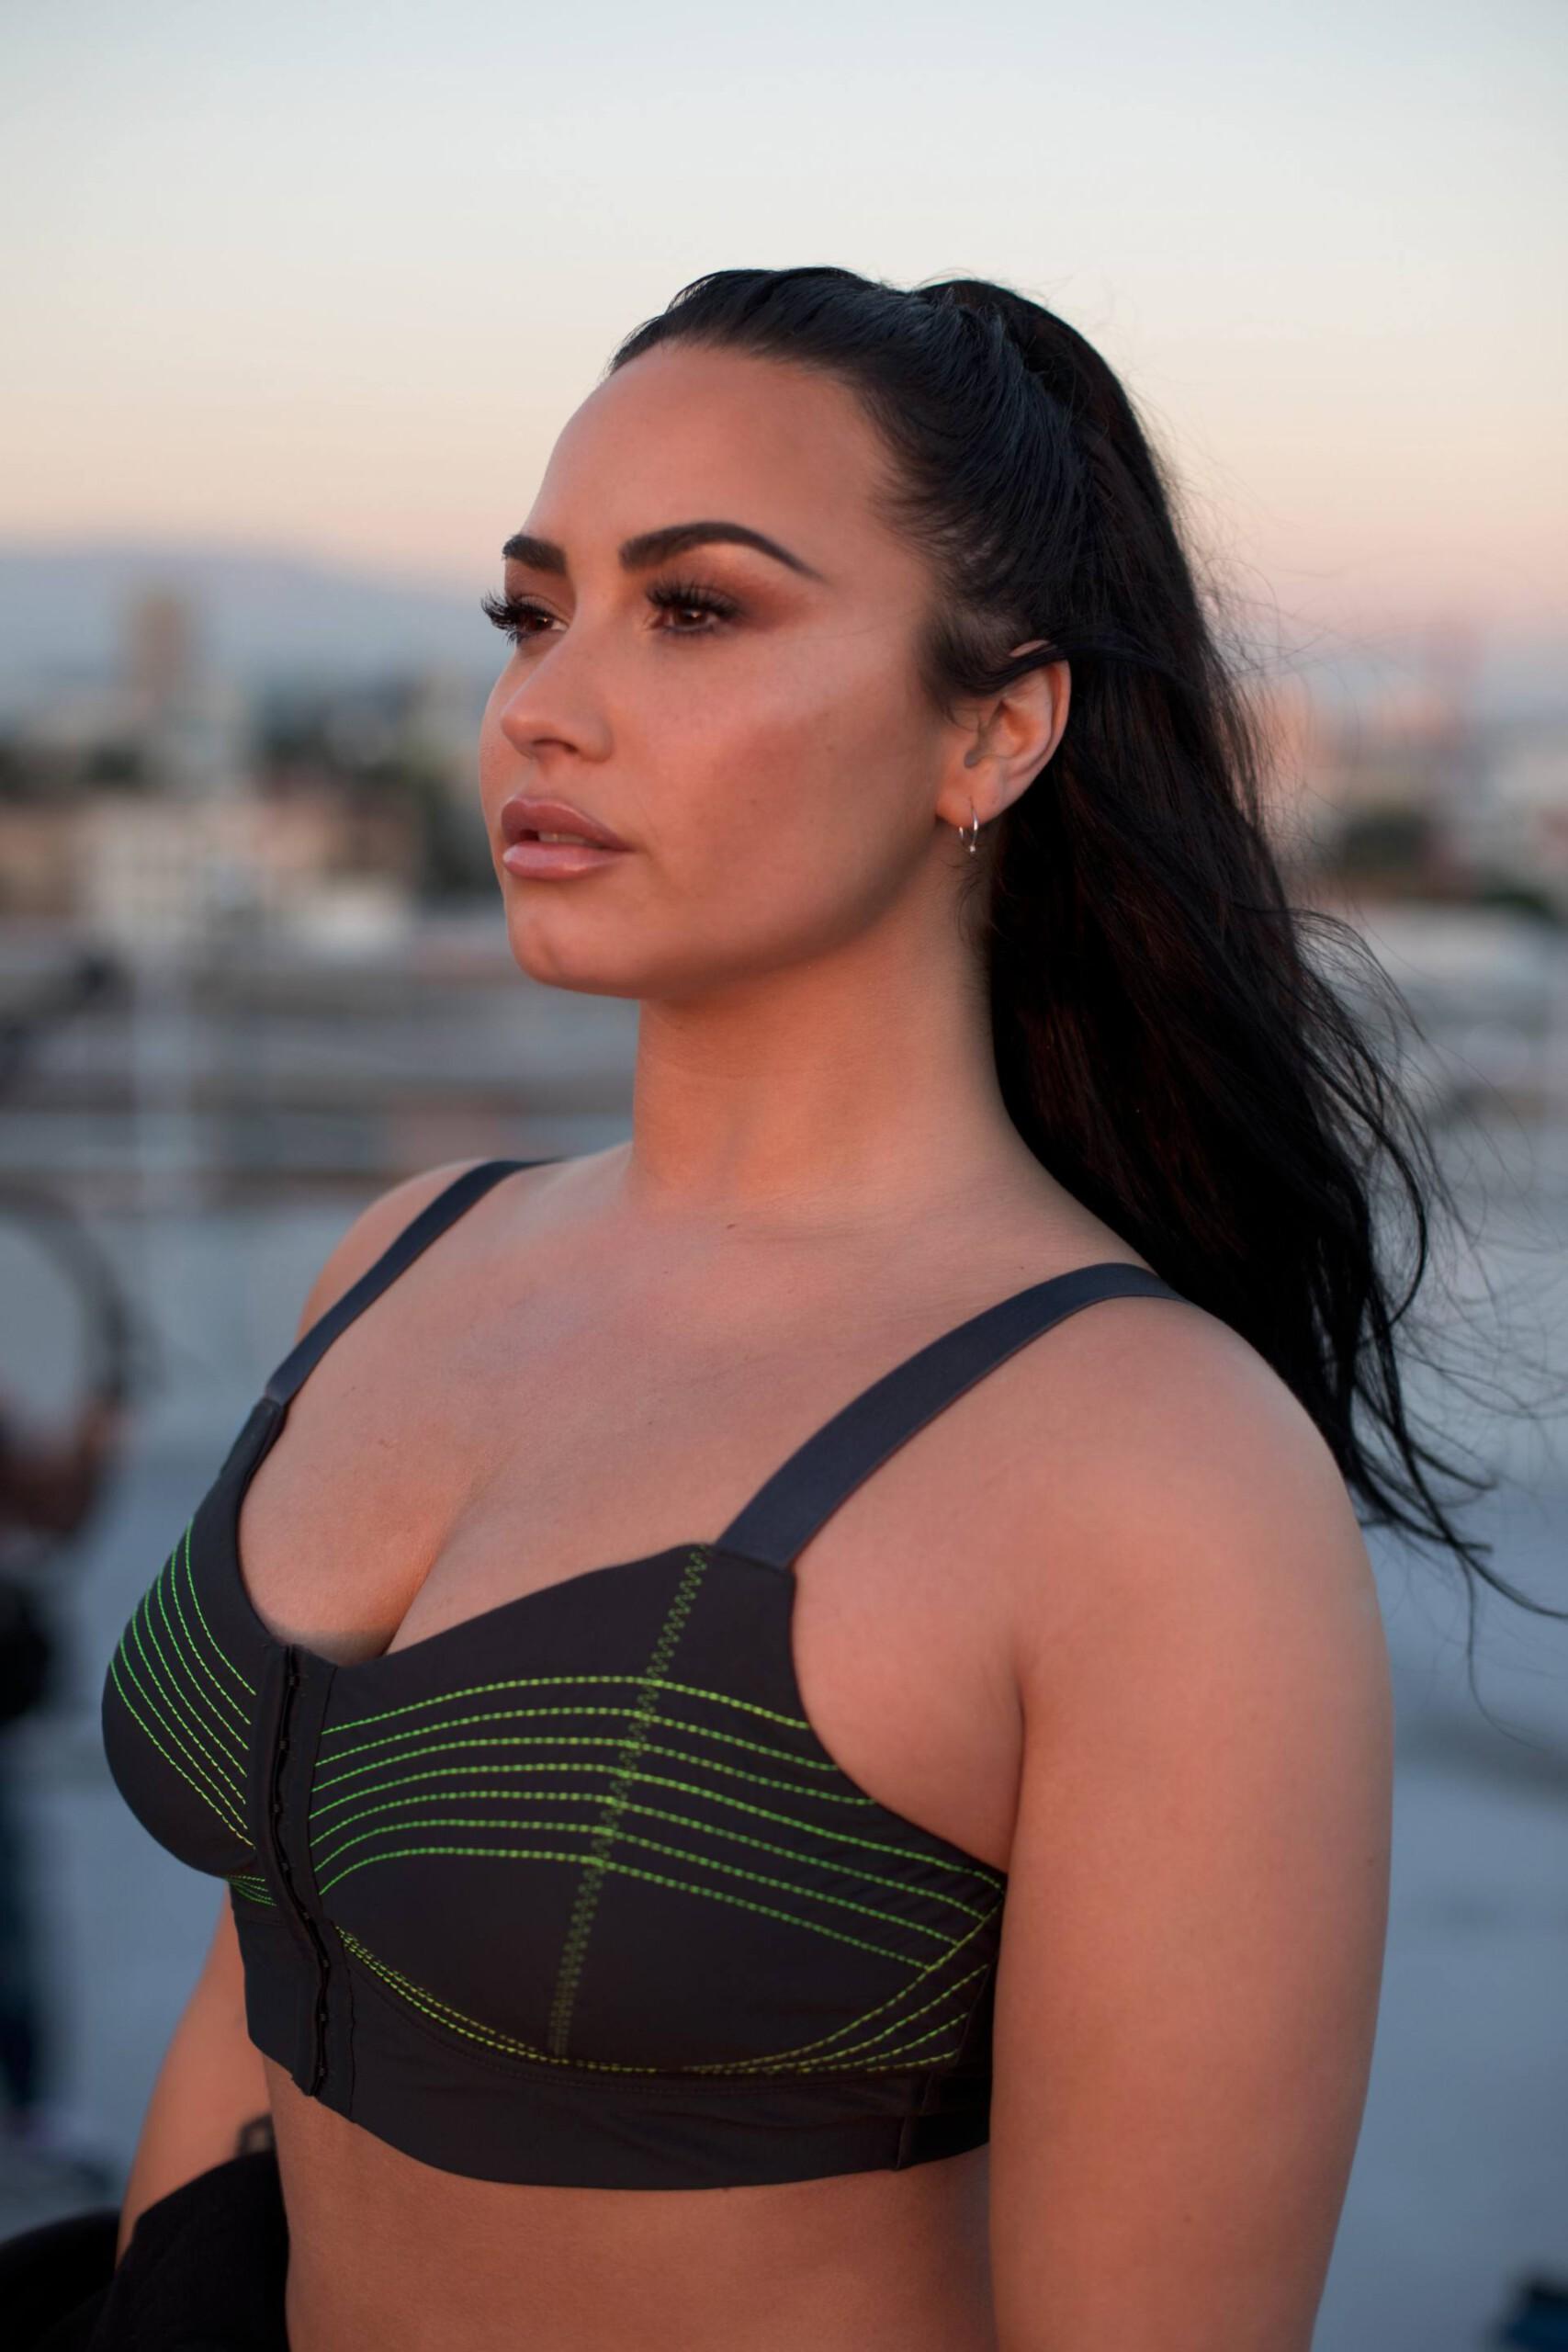 Demi Lovato Sexy Boobs In Sports Bra | Hot Celebs Home